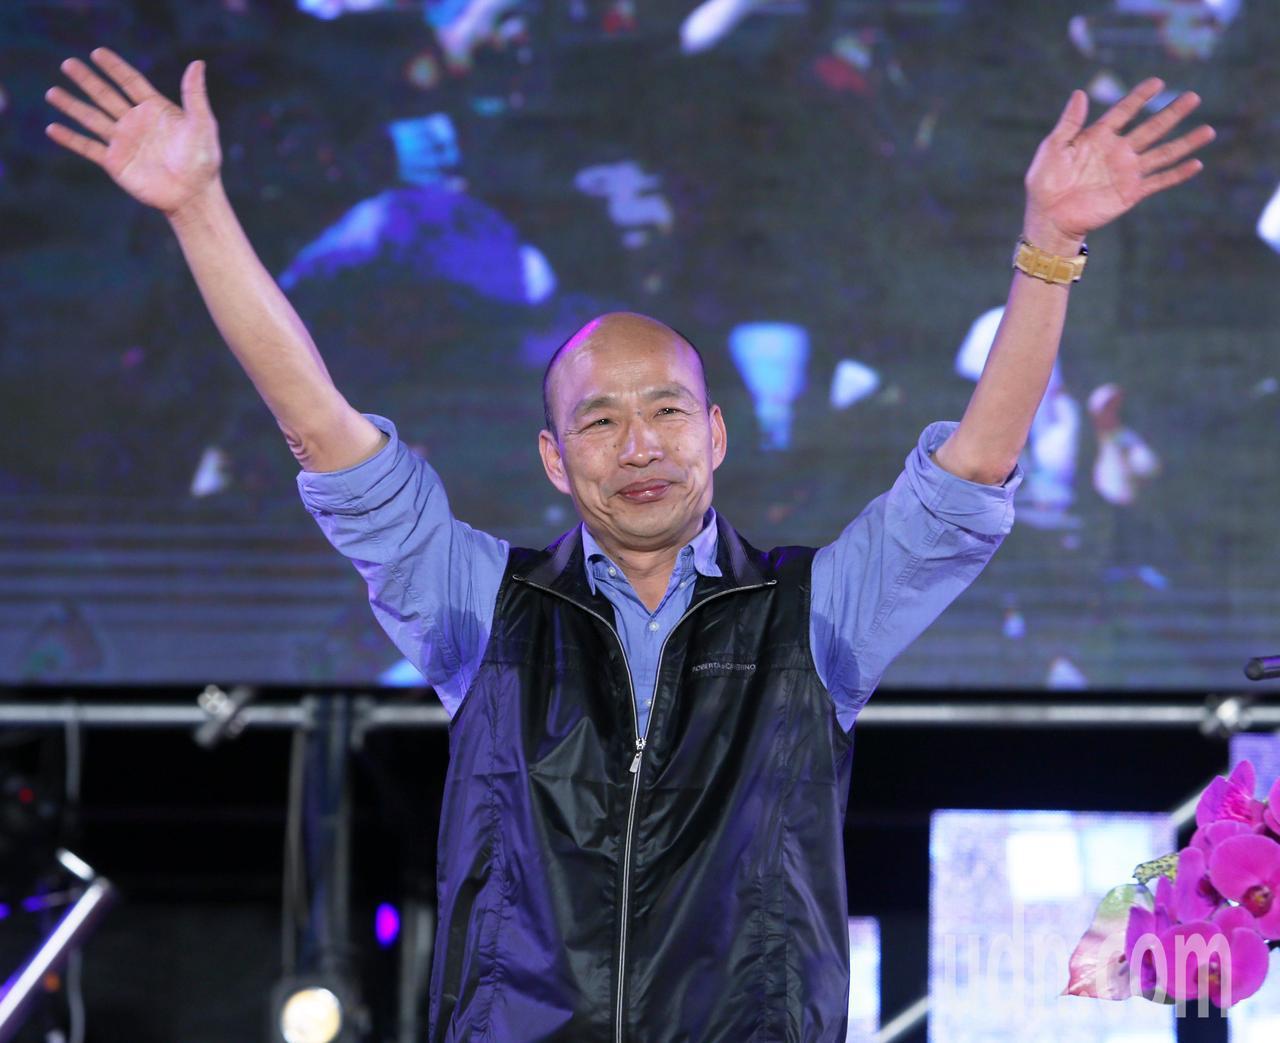 高雄市長韓國瑜今晚參加高雄燈會金銀河開幕活動,場面熱烈。記者劉學聖/攝影